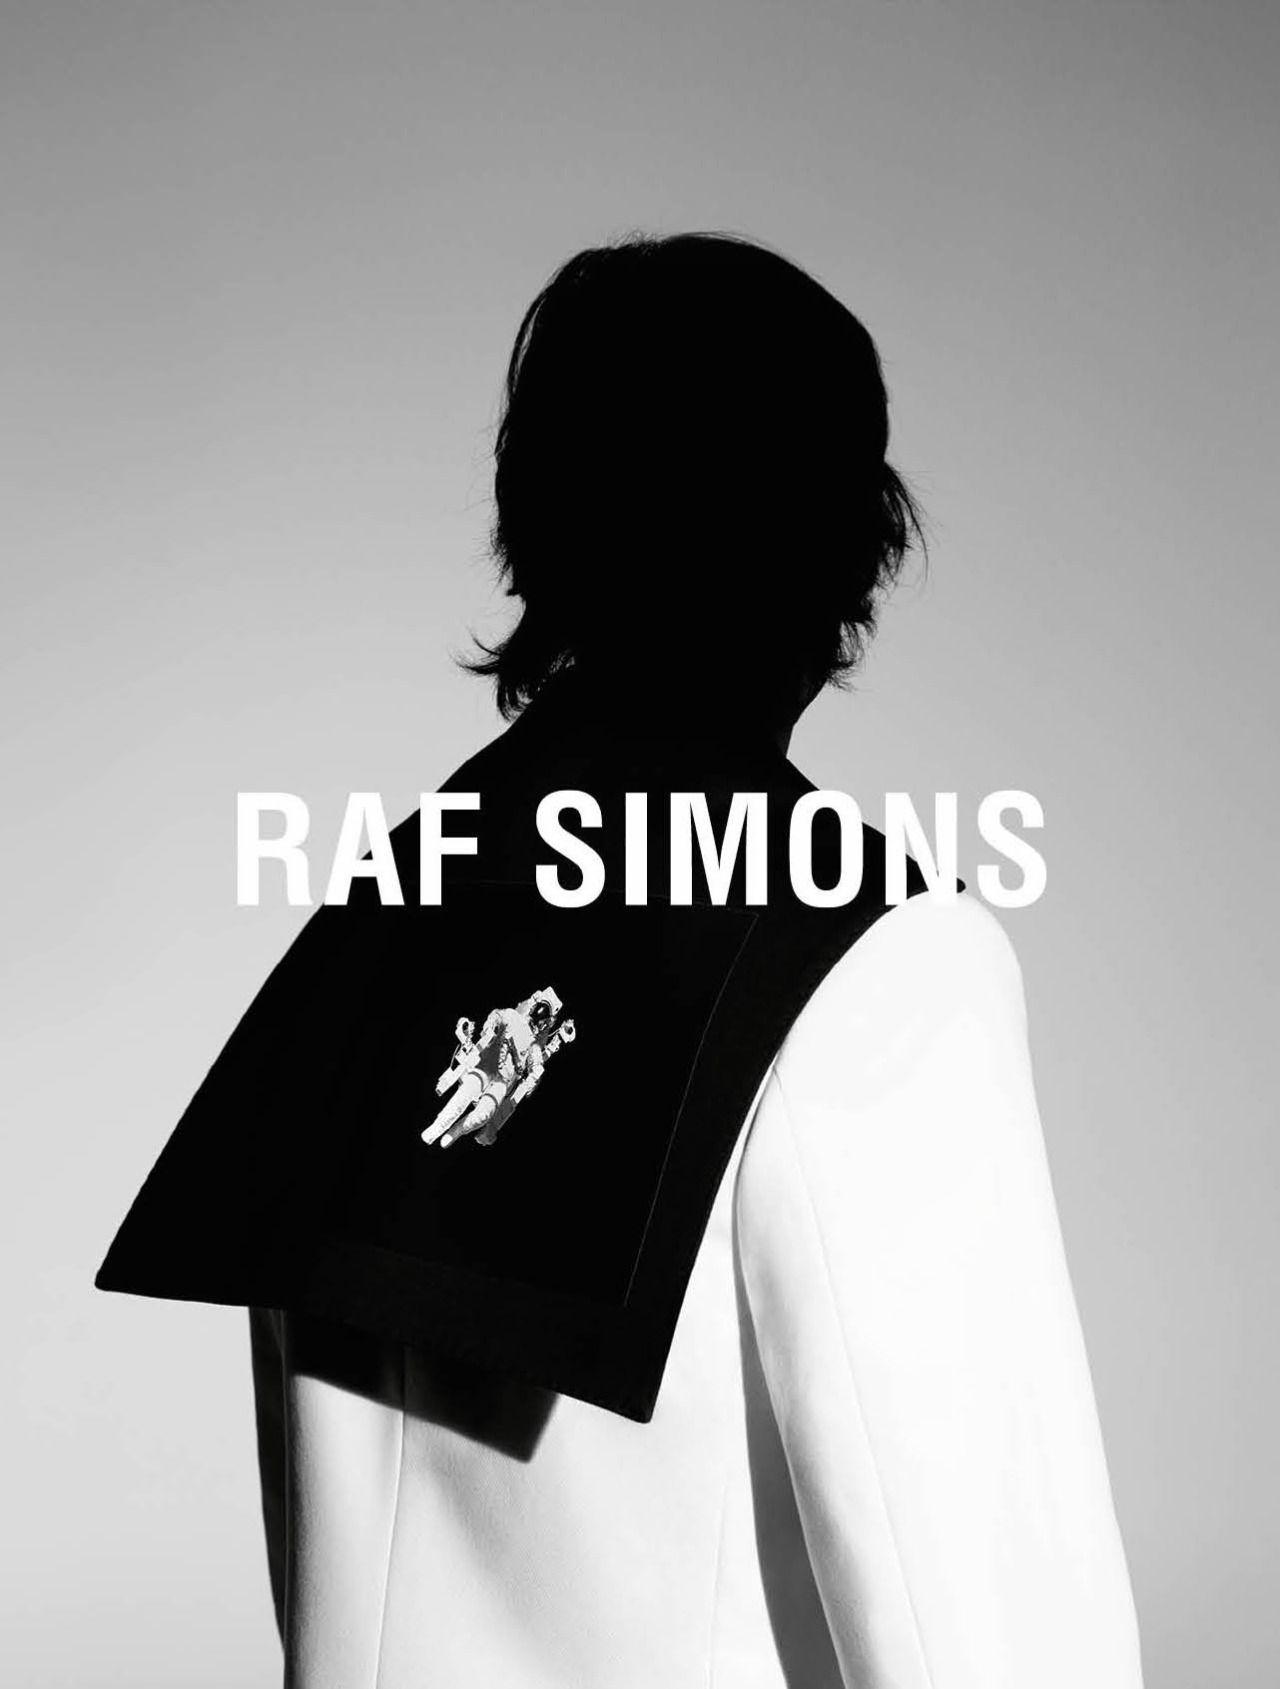 Raf Simons | Men's fashion | Fashion advertising, Raf ...